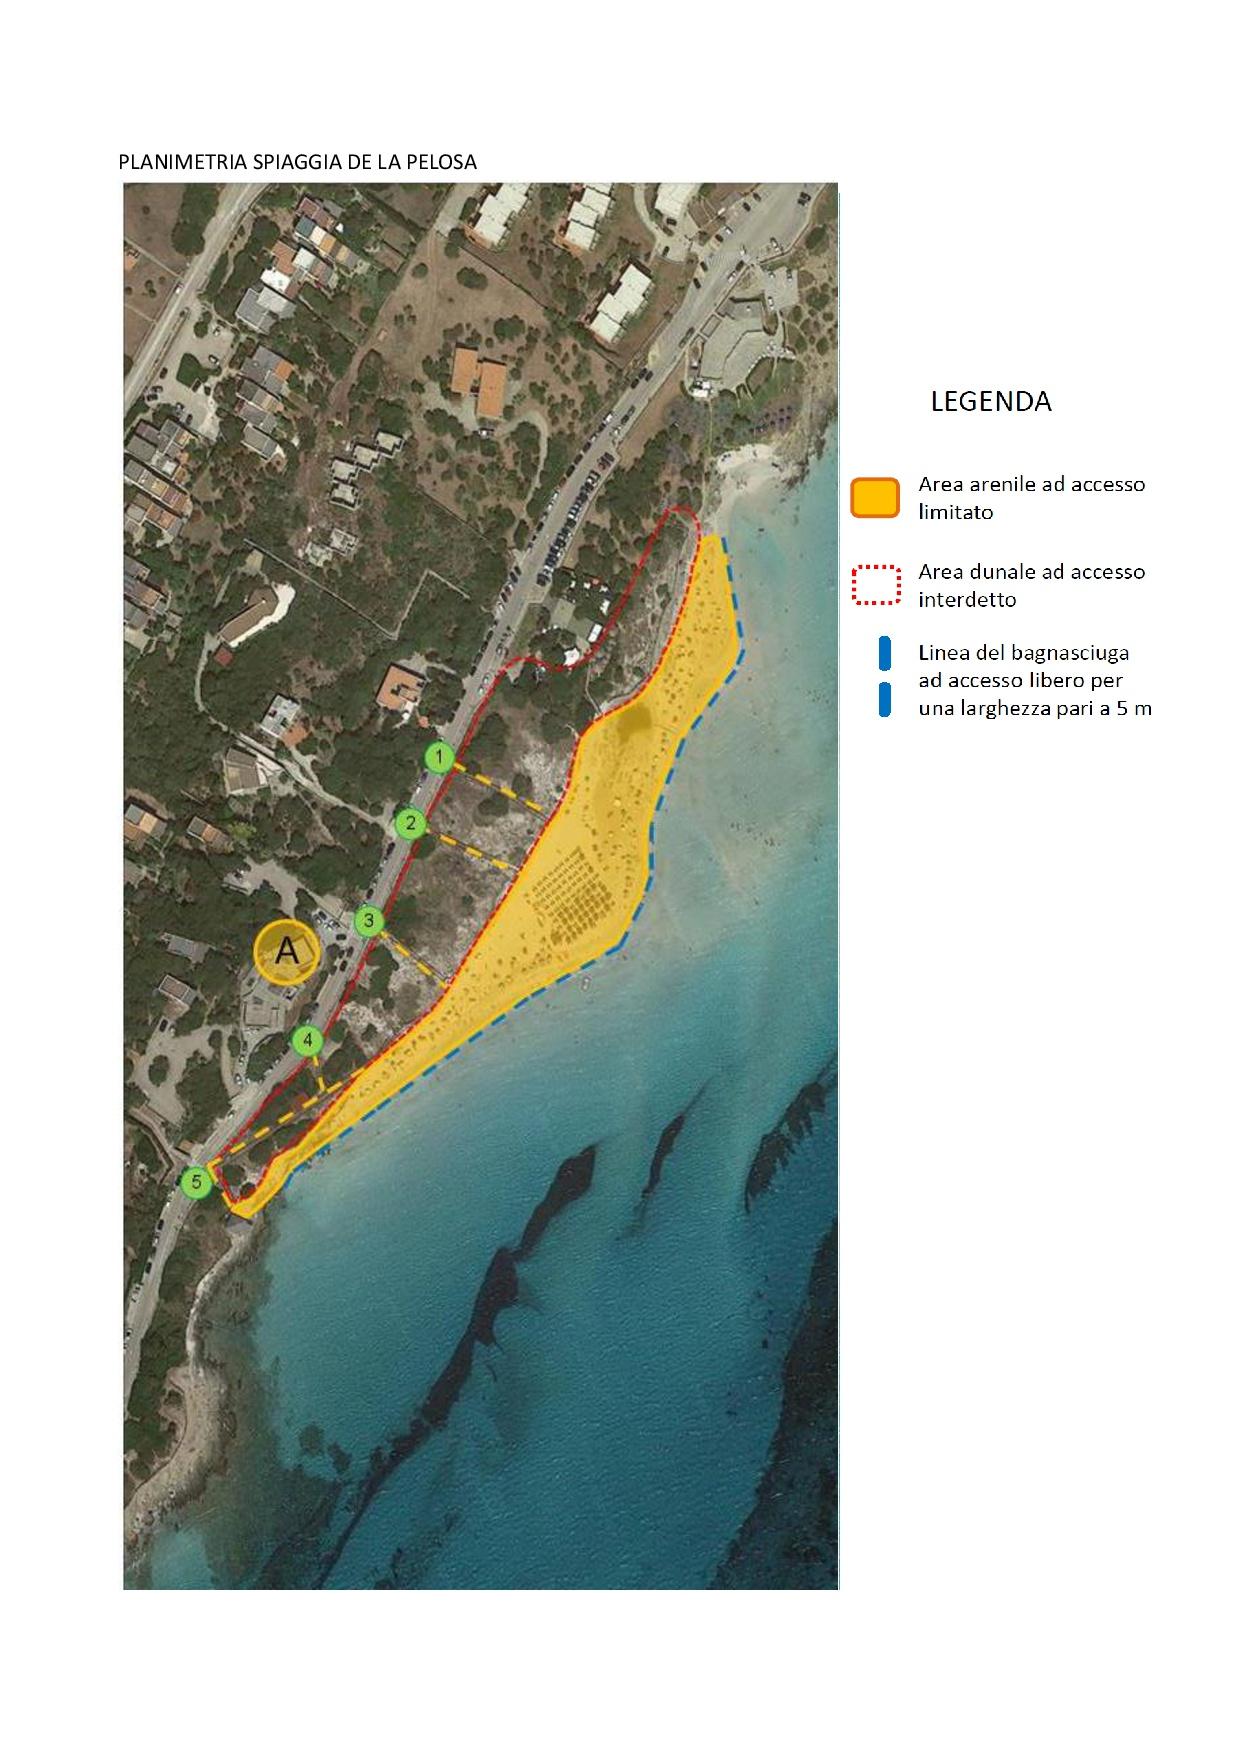 Stintino. Confini numero chiuso spiaggia Pelosa